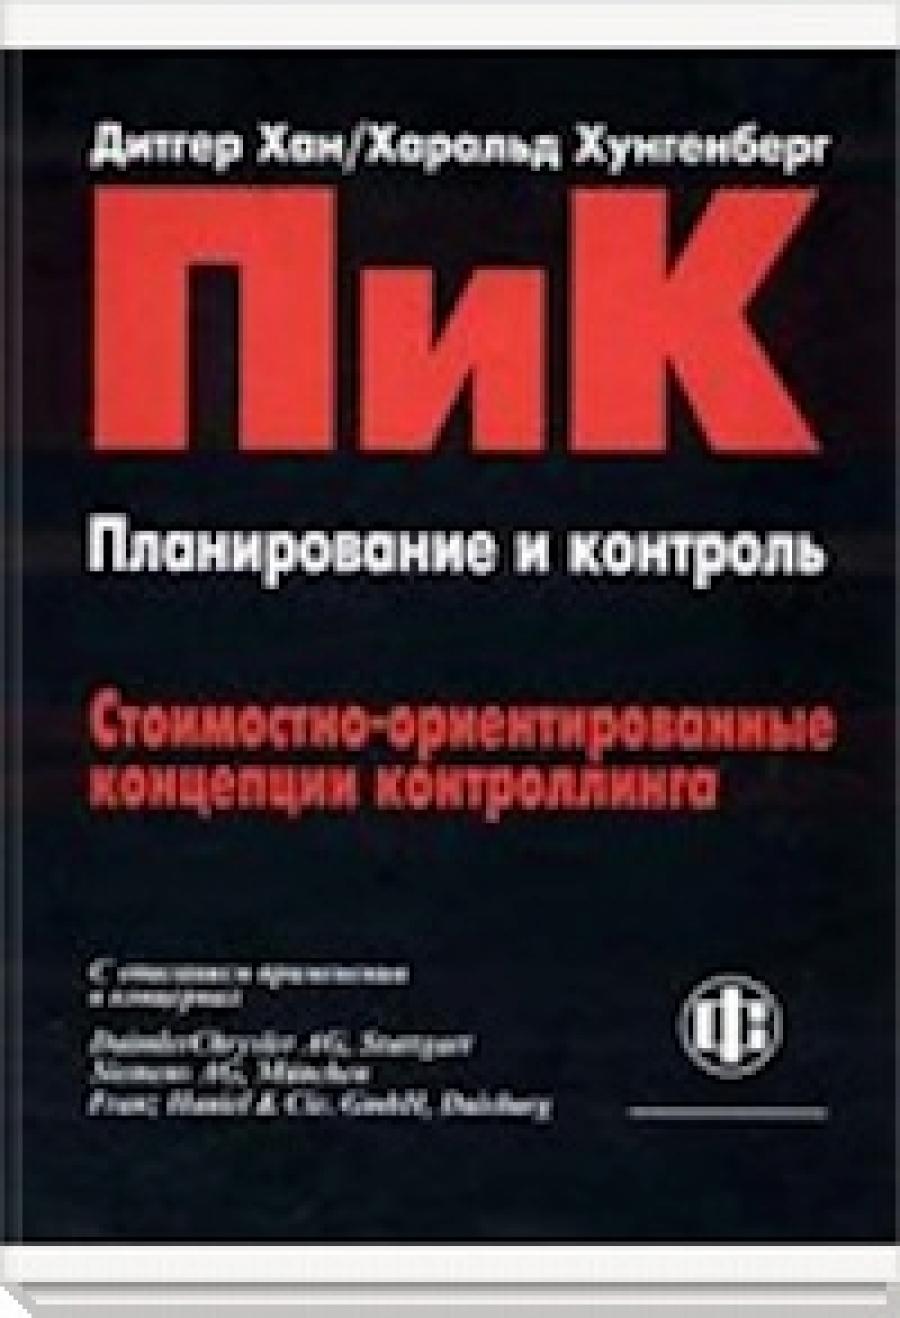 Обложка книги:  дитгер хан, харальд хунгенберг - пик. стоимостно-ориентированные концепции контроллинга